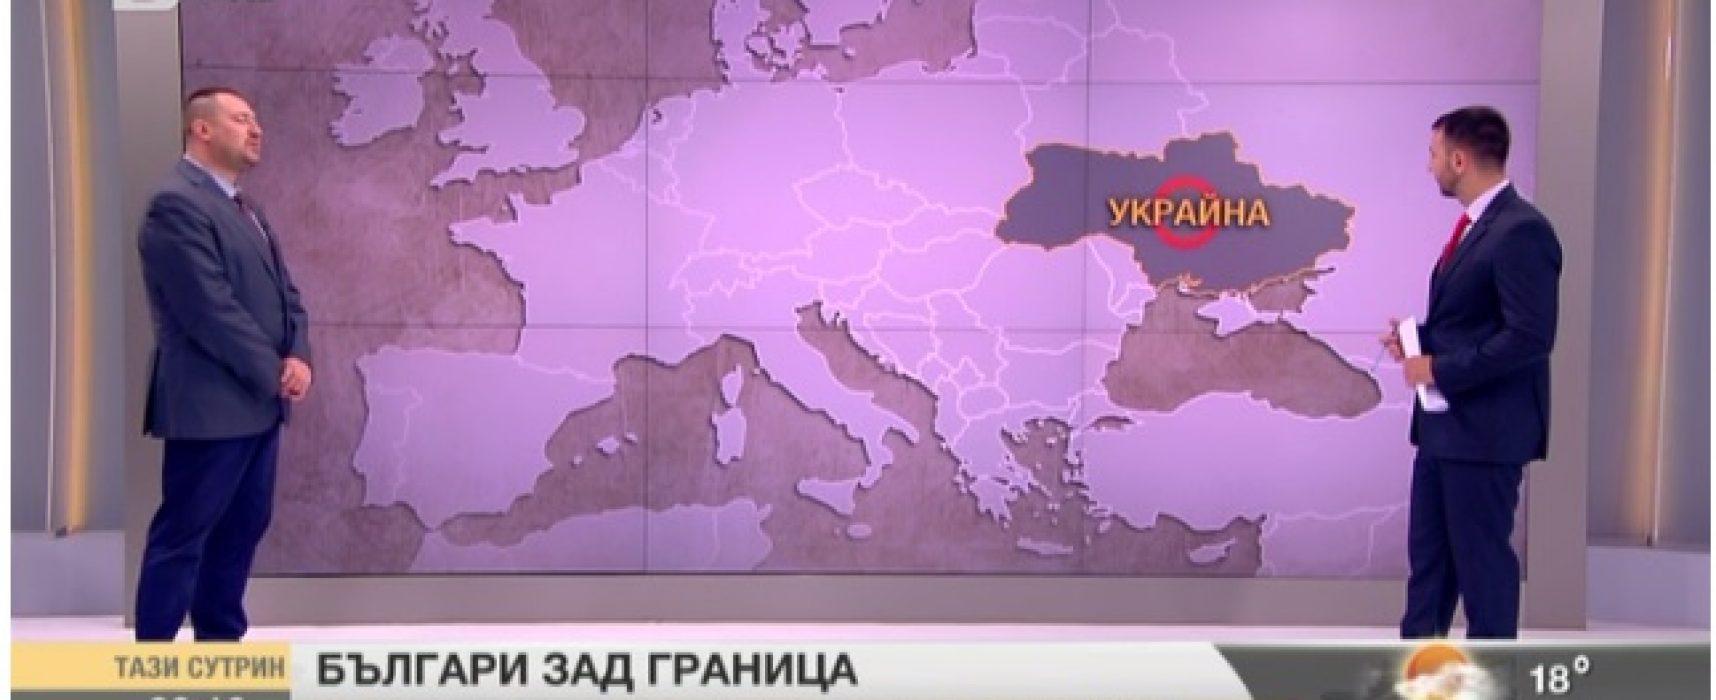 """Манипулации и карта на Украйна без Крим и част от Одеска област в предаването """"Тази сутрин"""" на bTV"""